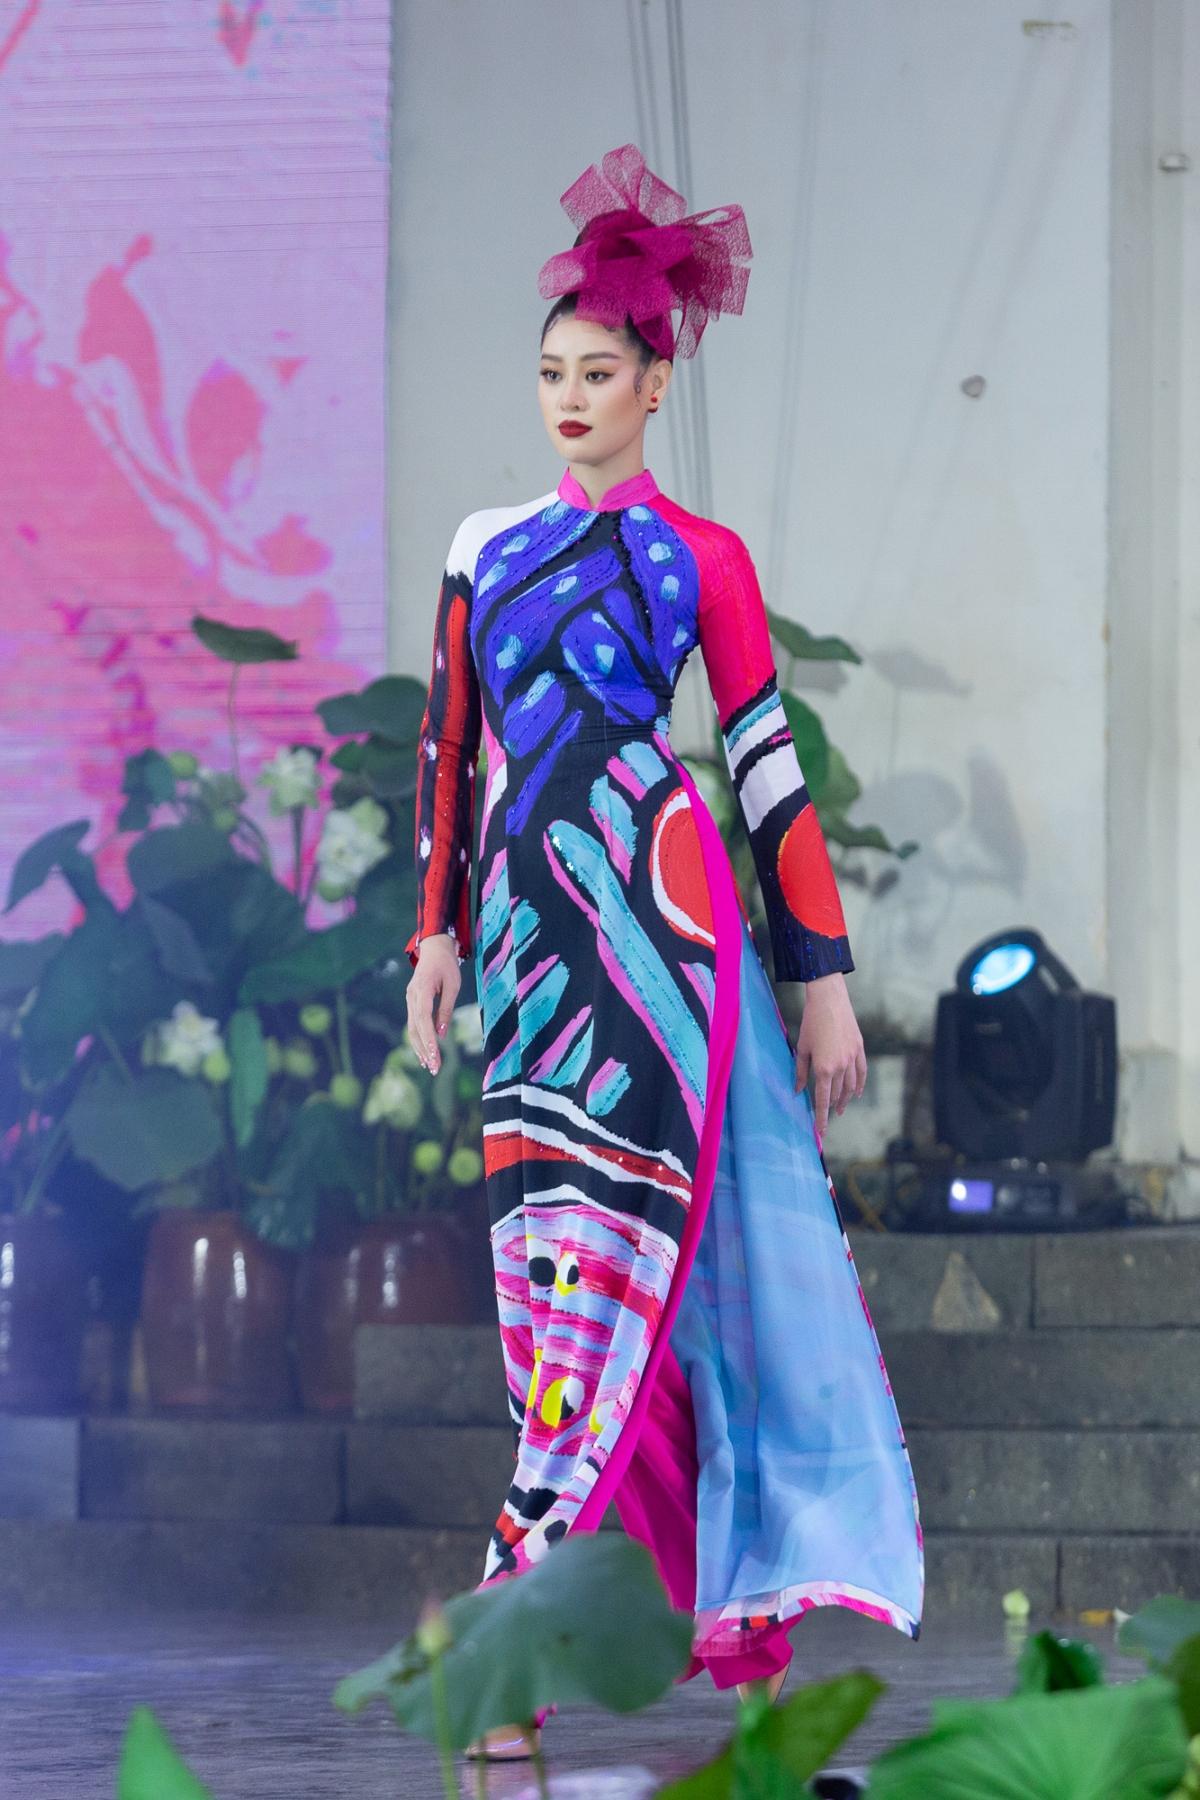 Sau đó, Hoa hậu Khánh Vân nhanh chóng thay trang phục, cùng các người mẫu trình diễn áo dài cho BST của NTK Liên Hương.